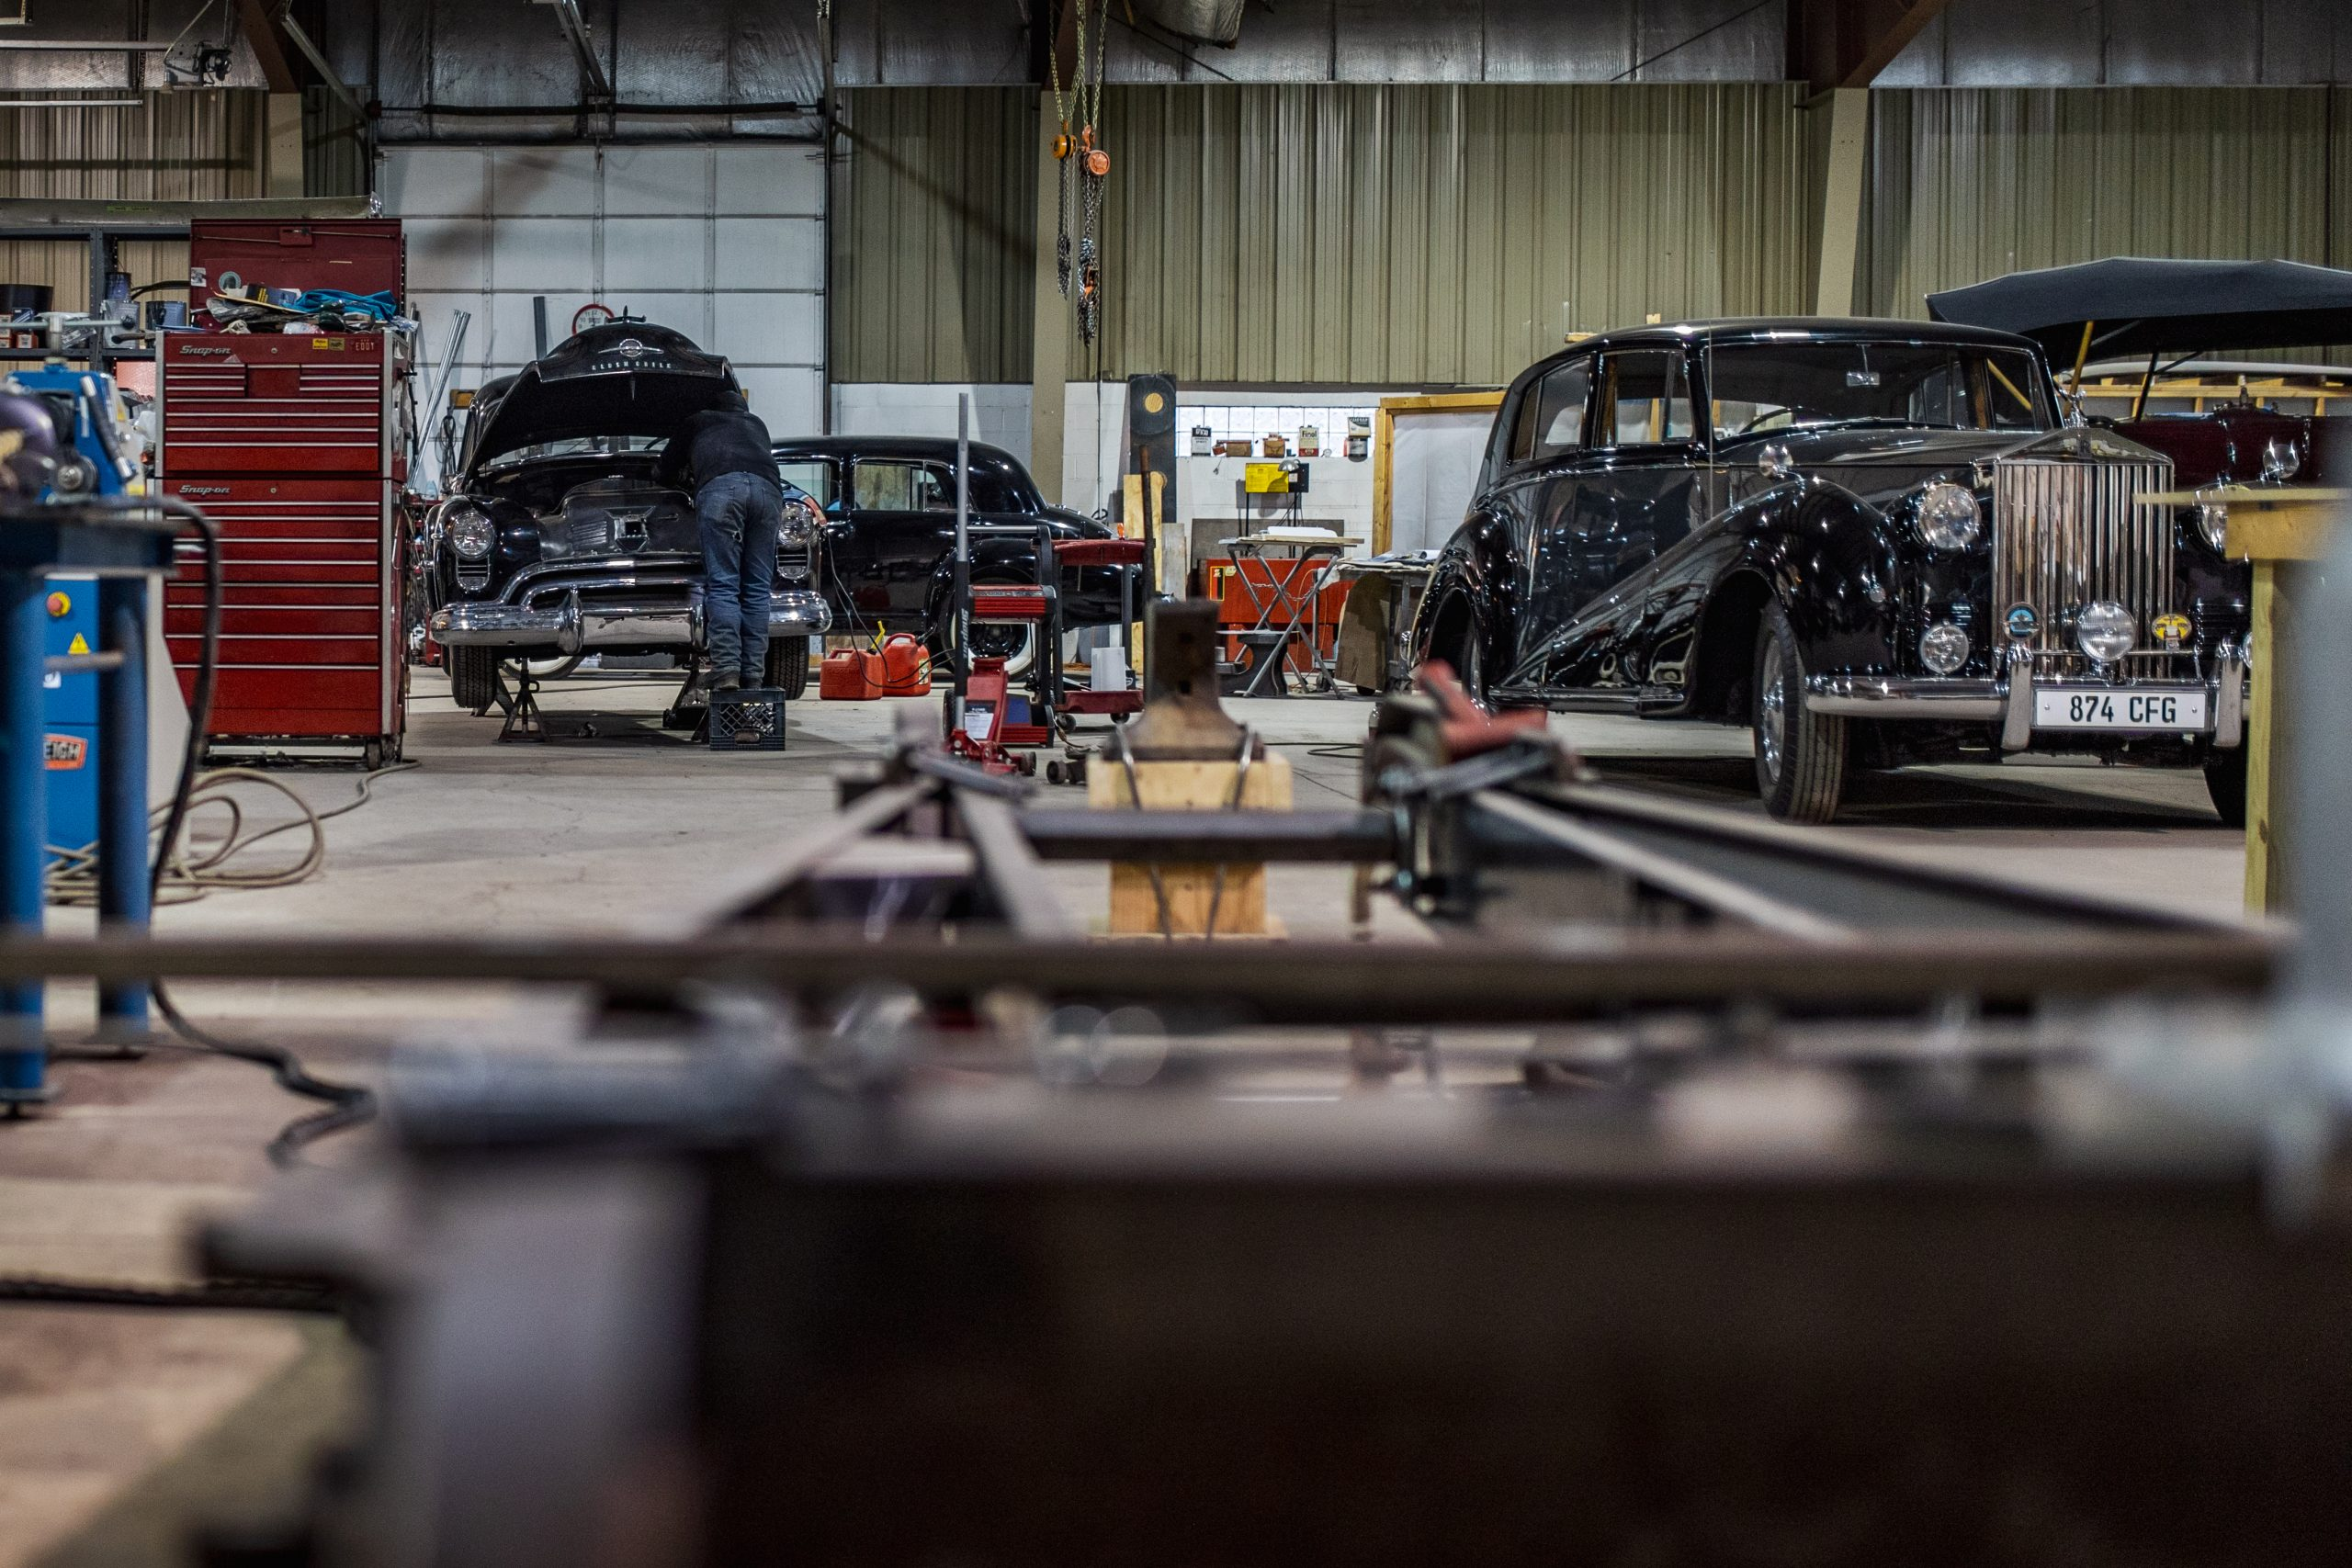 machine shop interior